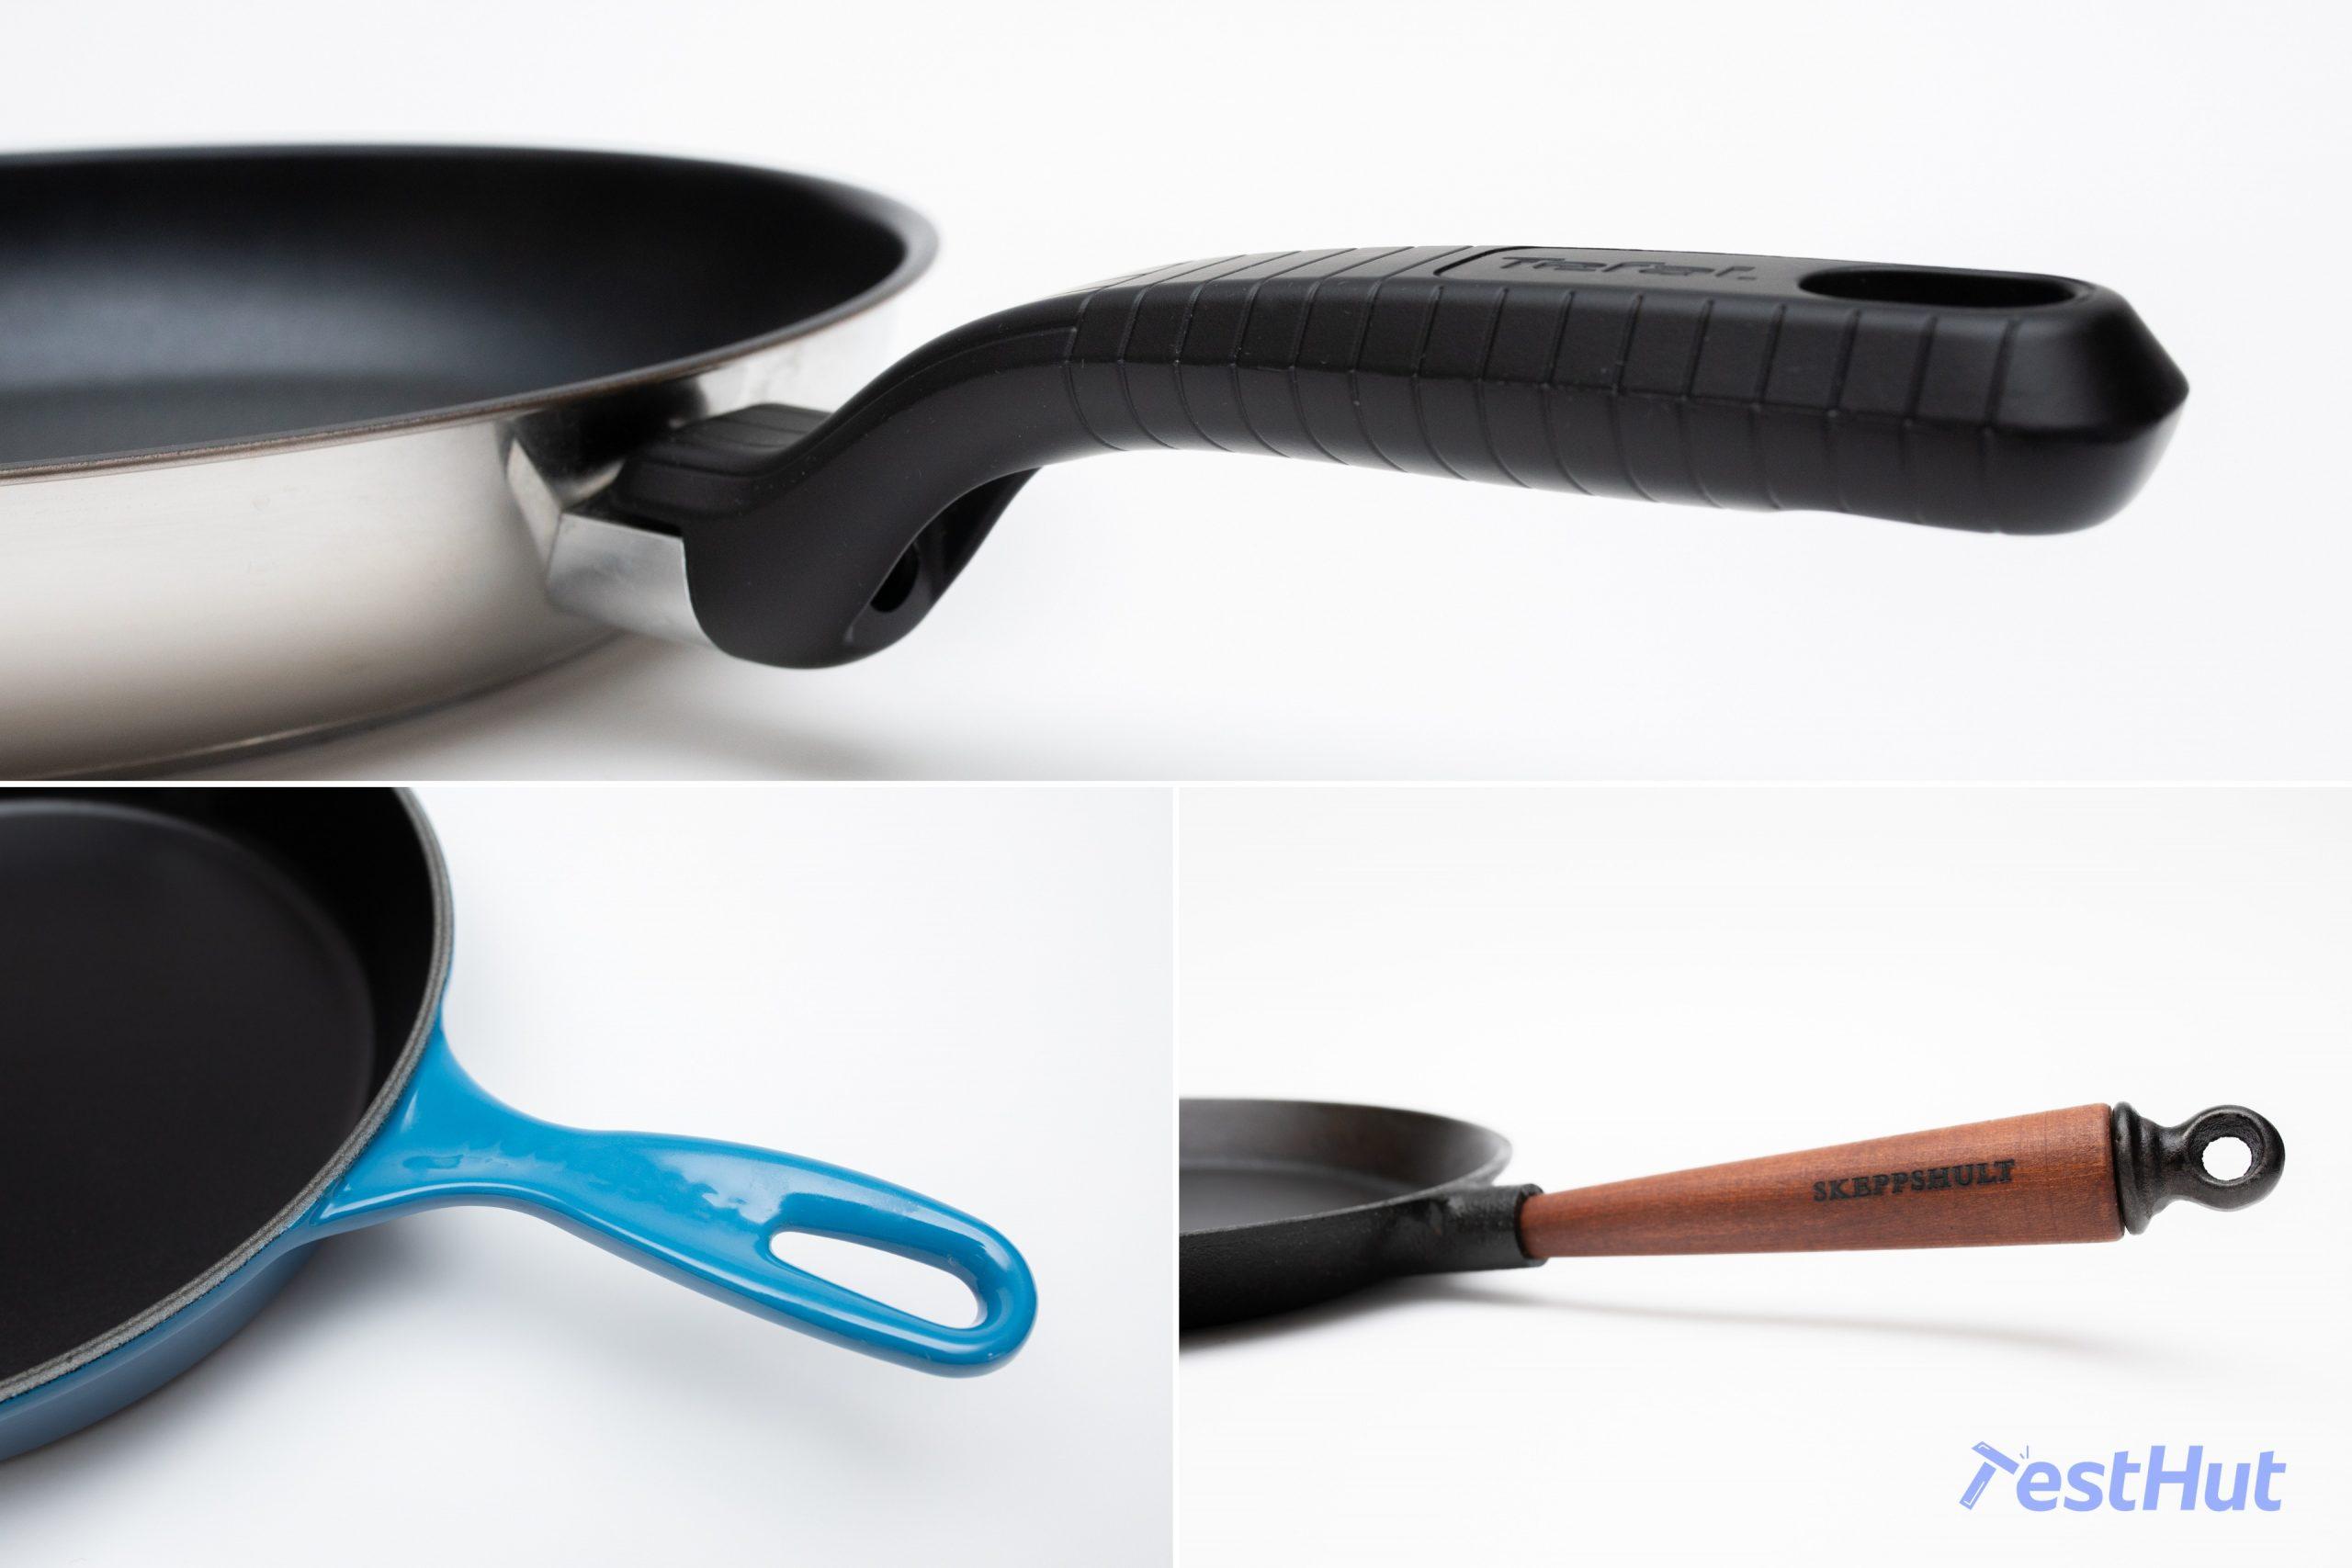 Frying pans handles